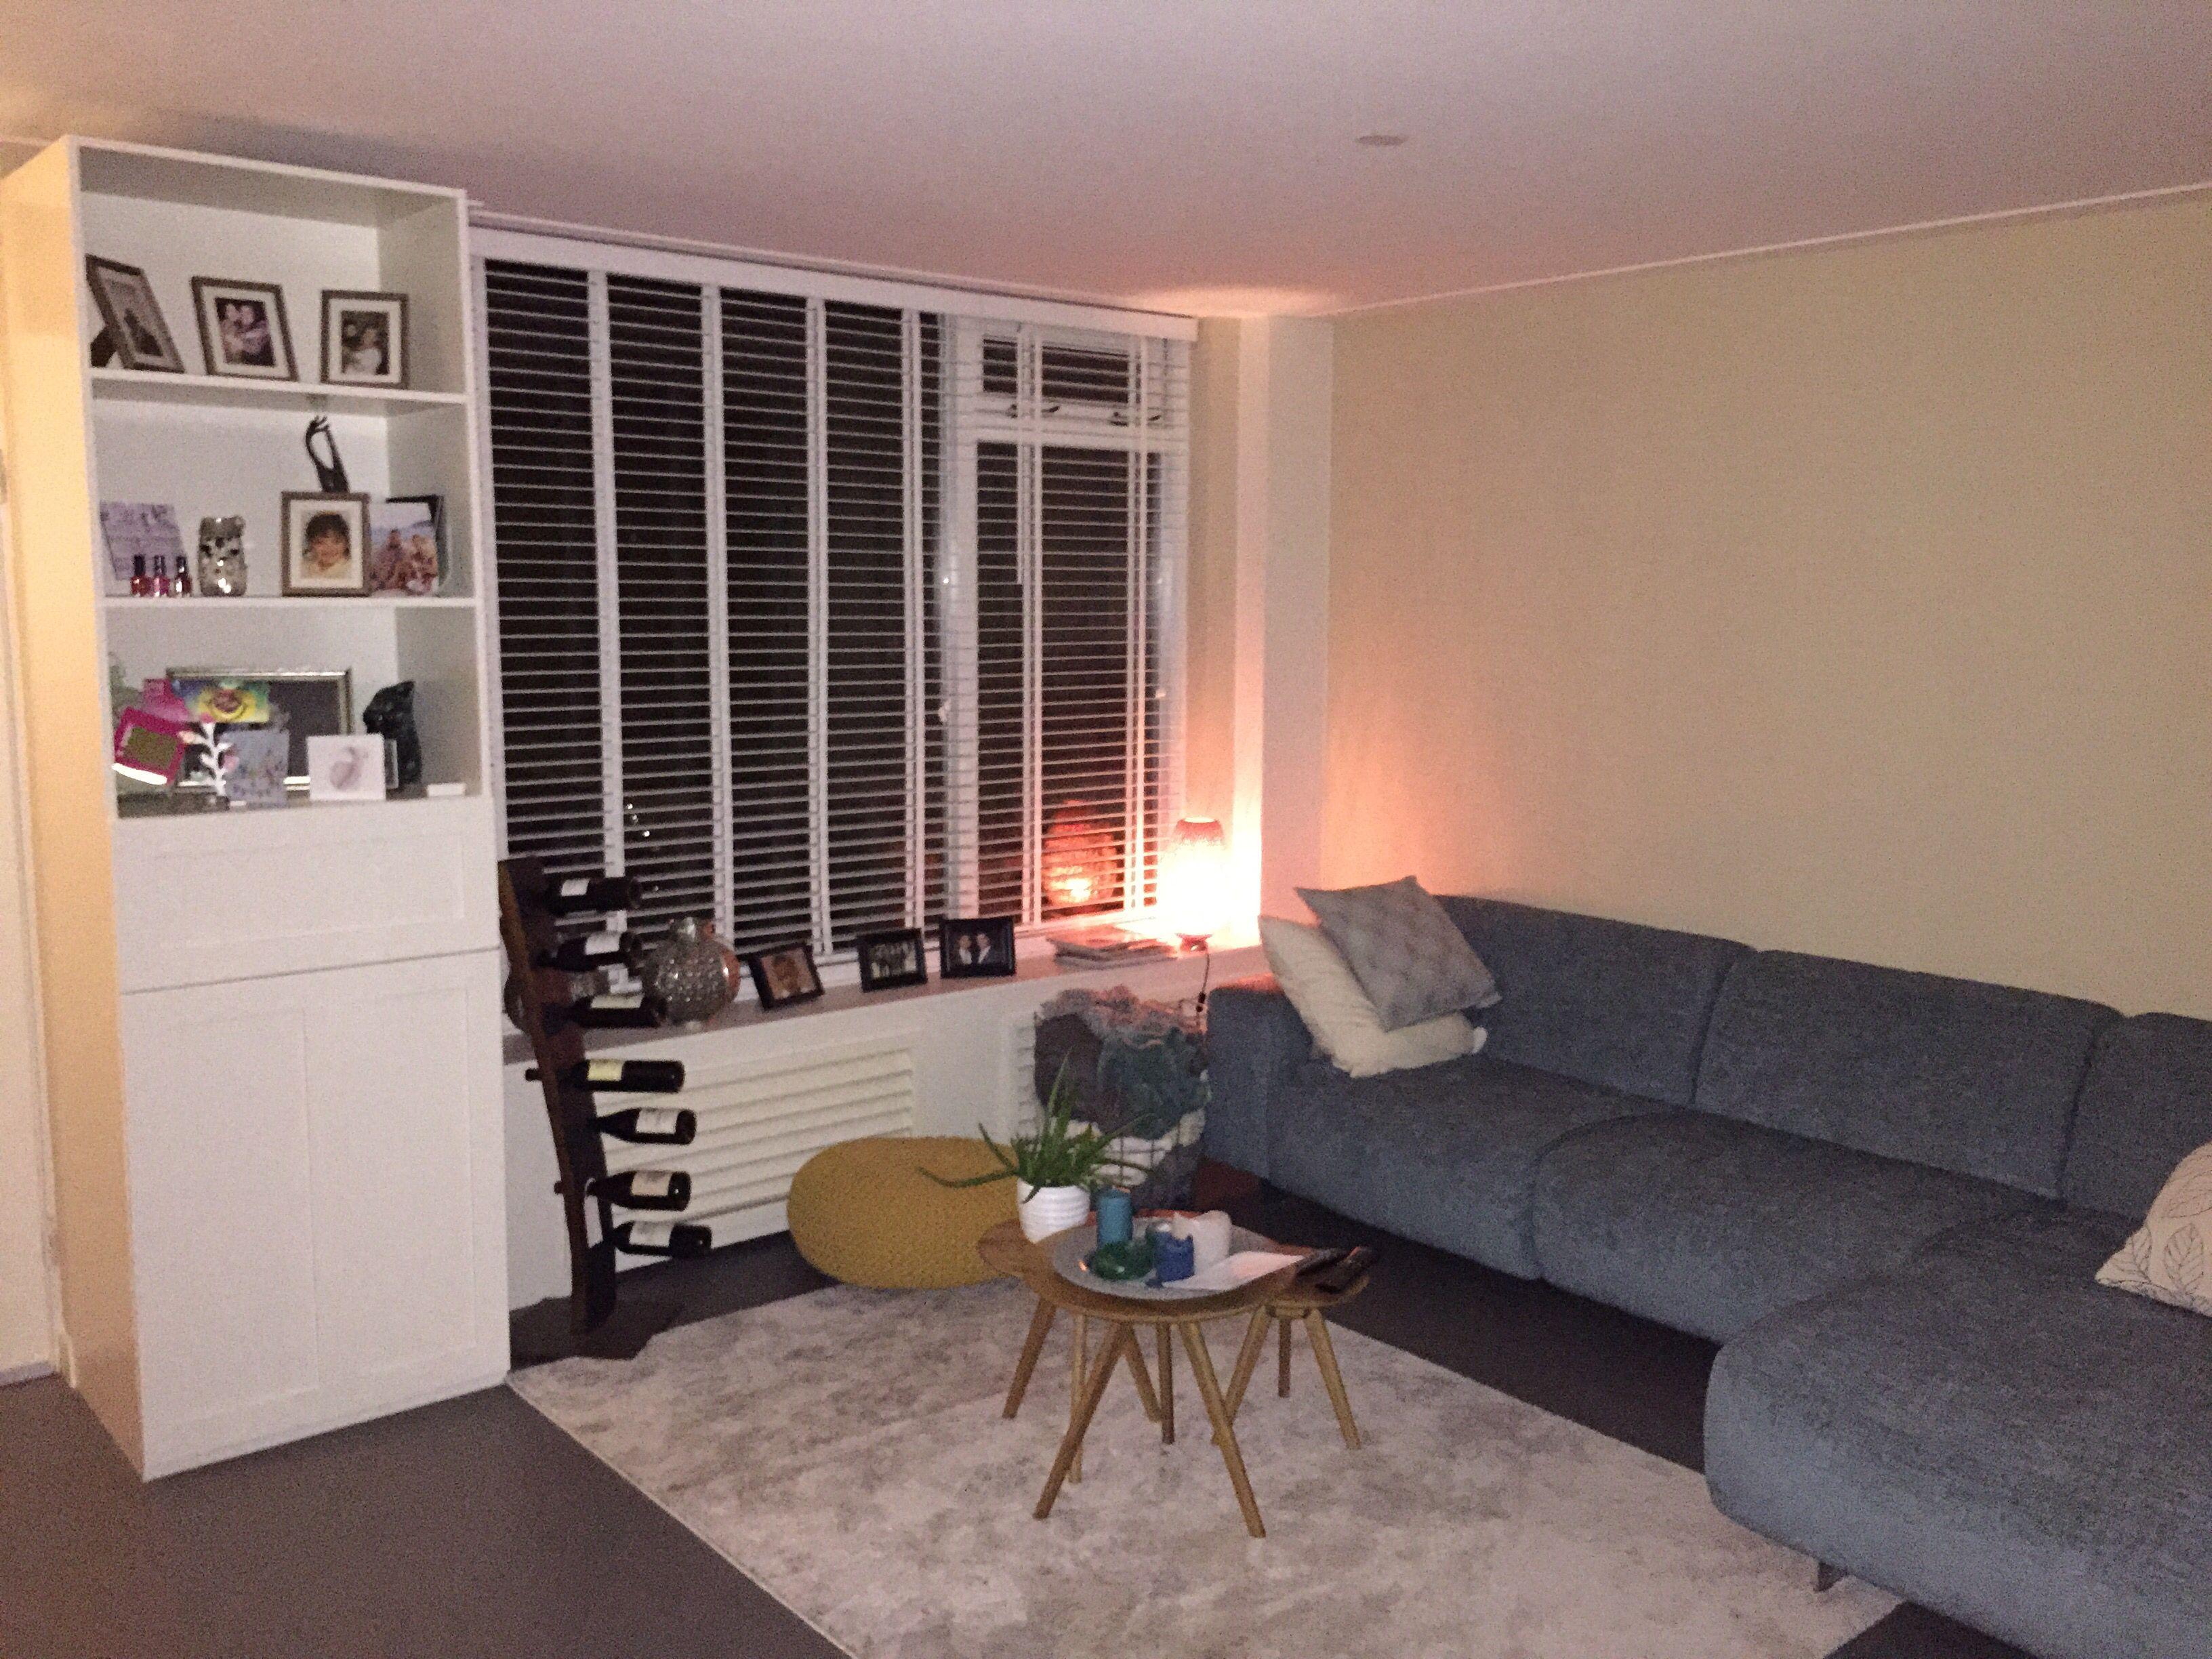 Beste Bijverwarming Woonkamer : Onze woonkamer met ombouw voor de verwarming zitvensterbank en